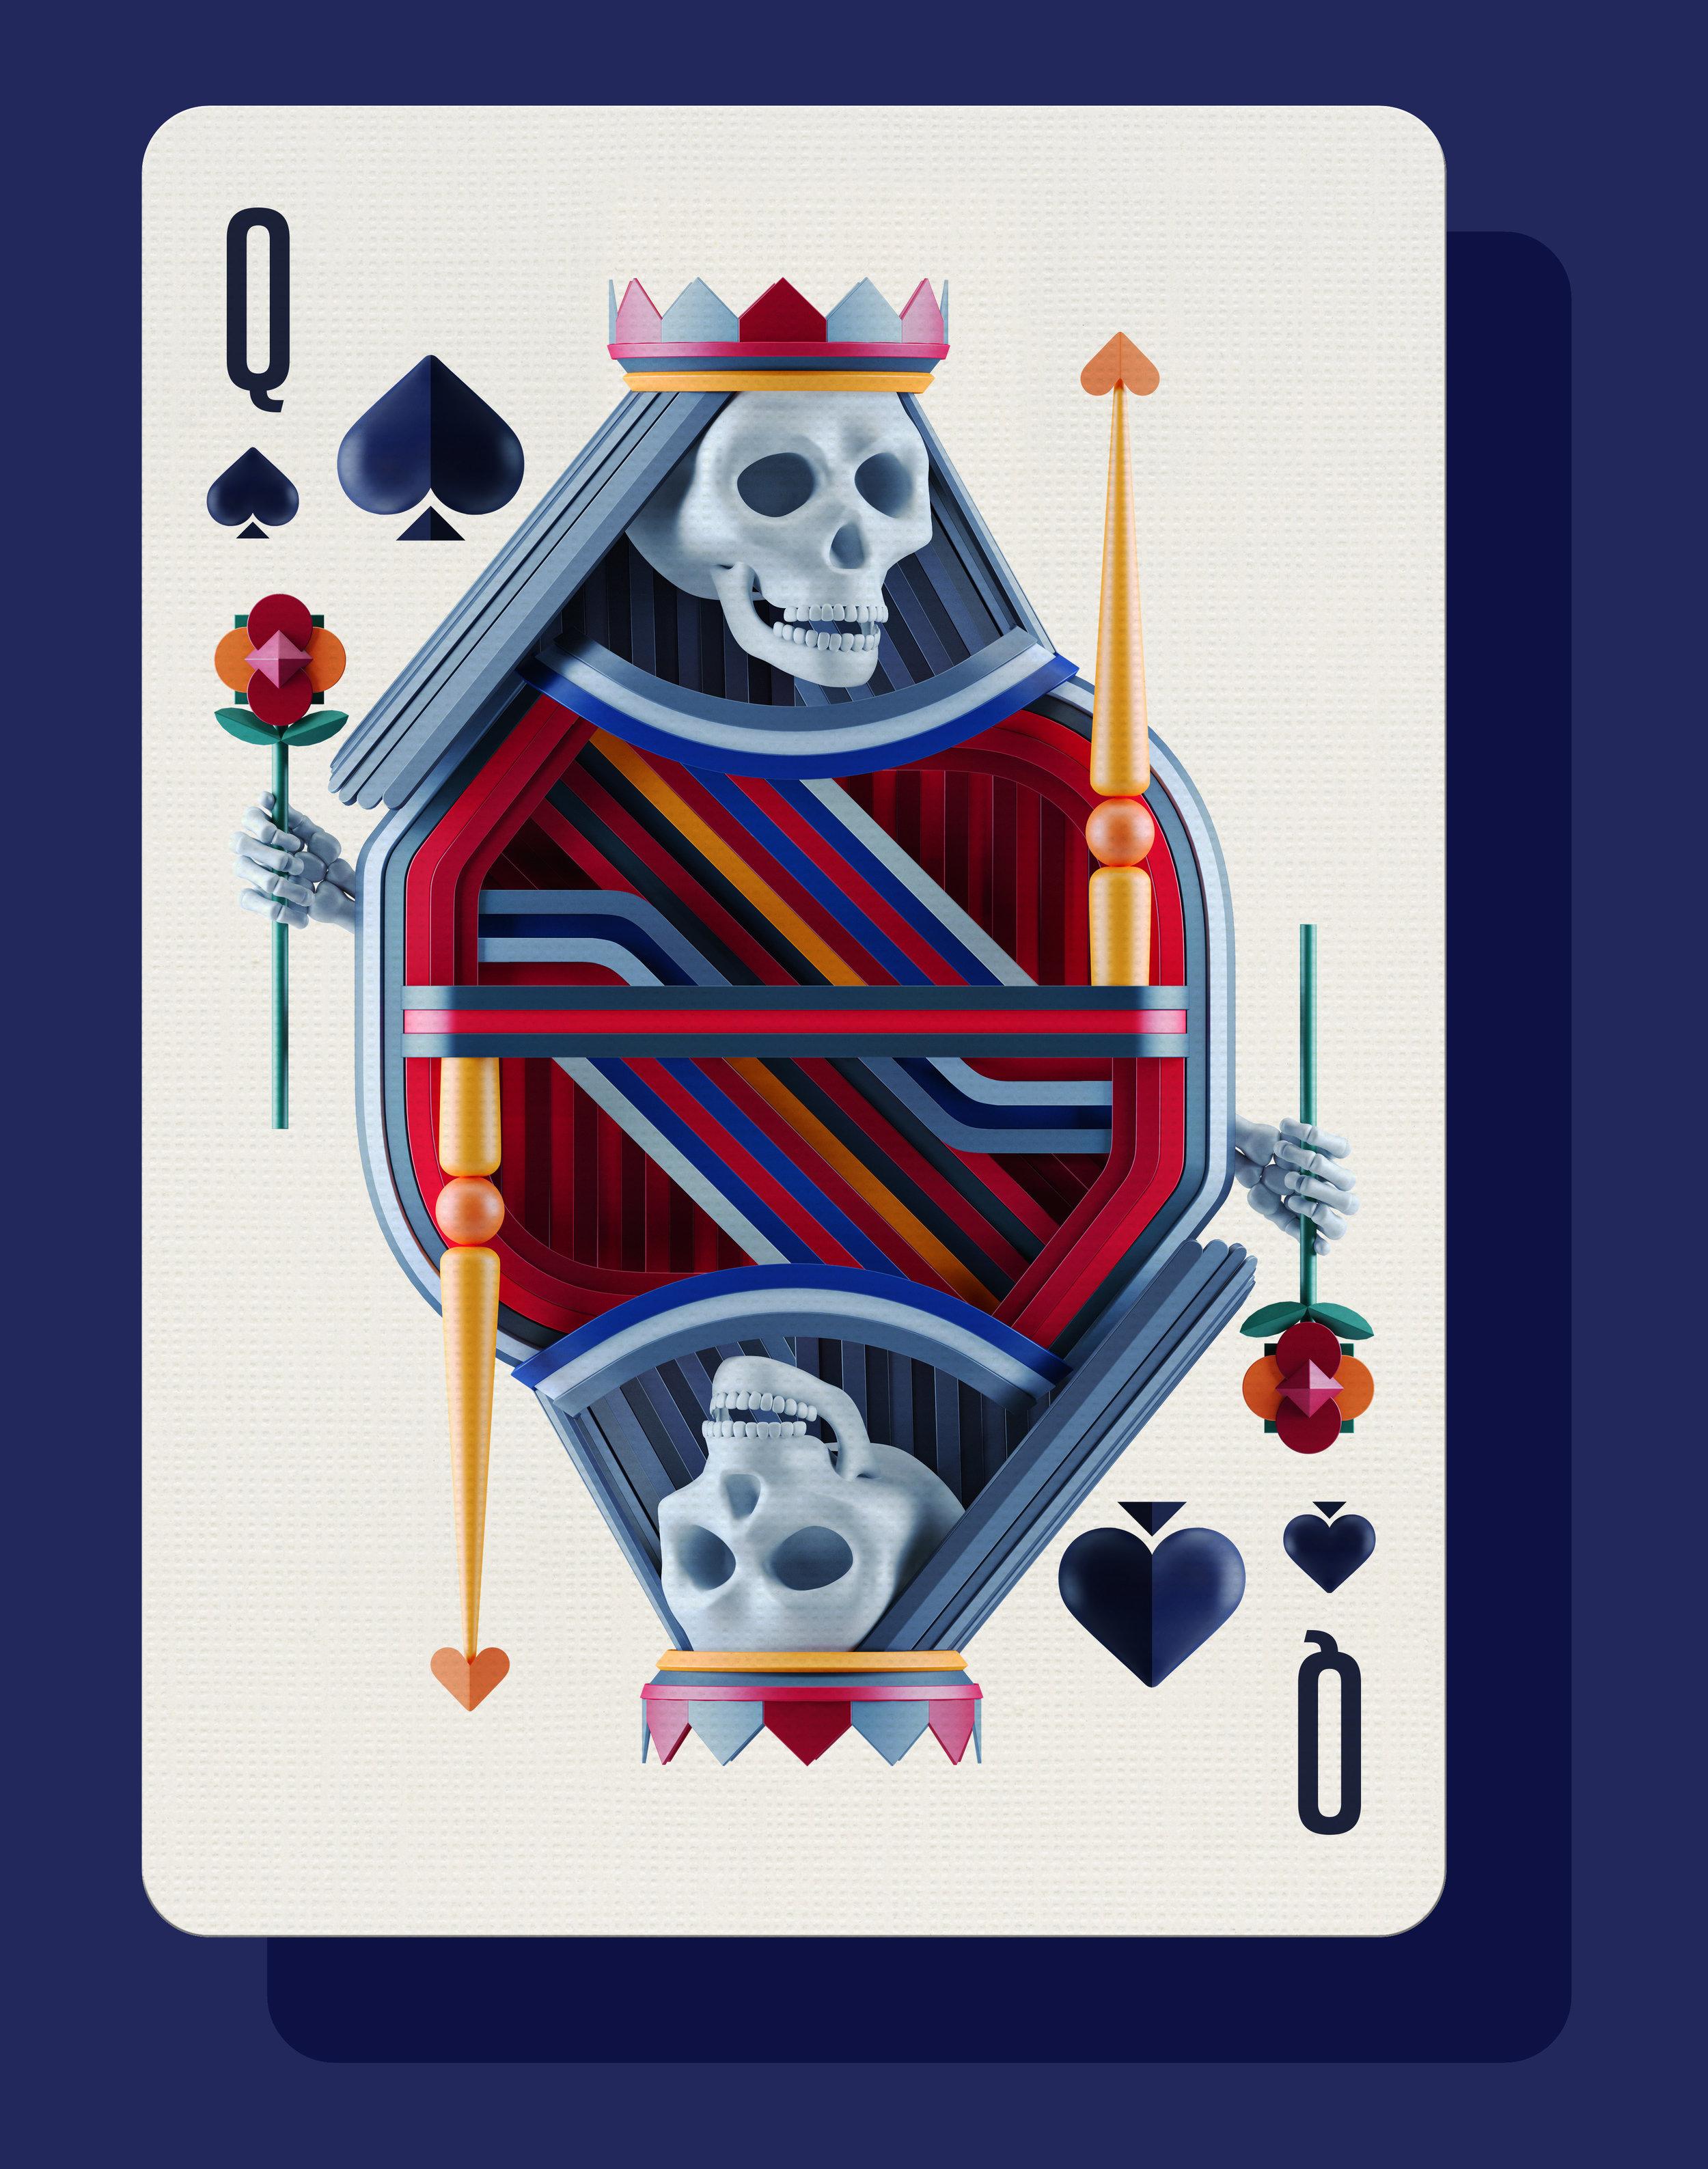 QUEEN_spades.jpg